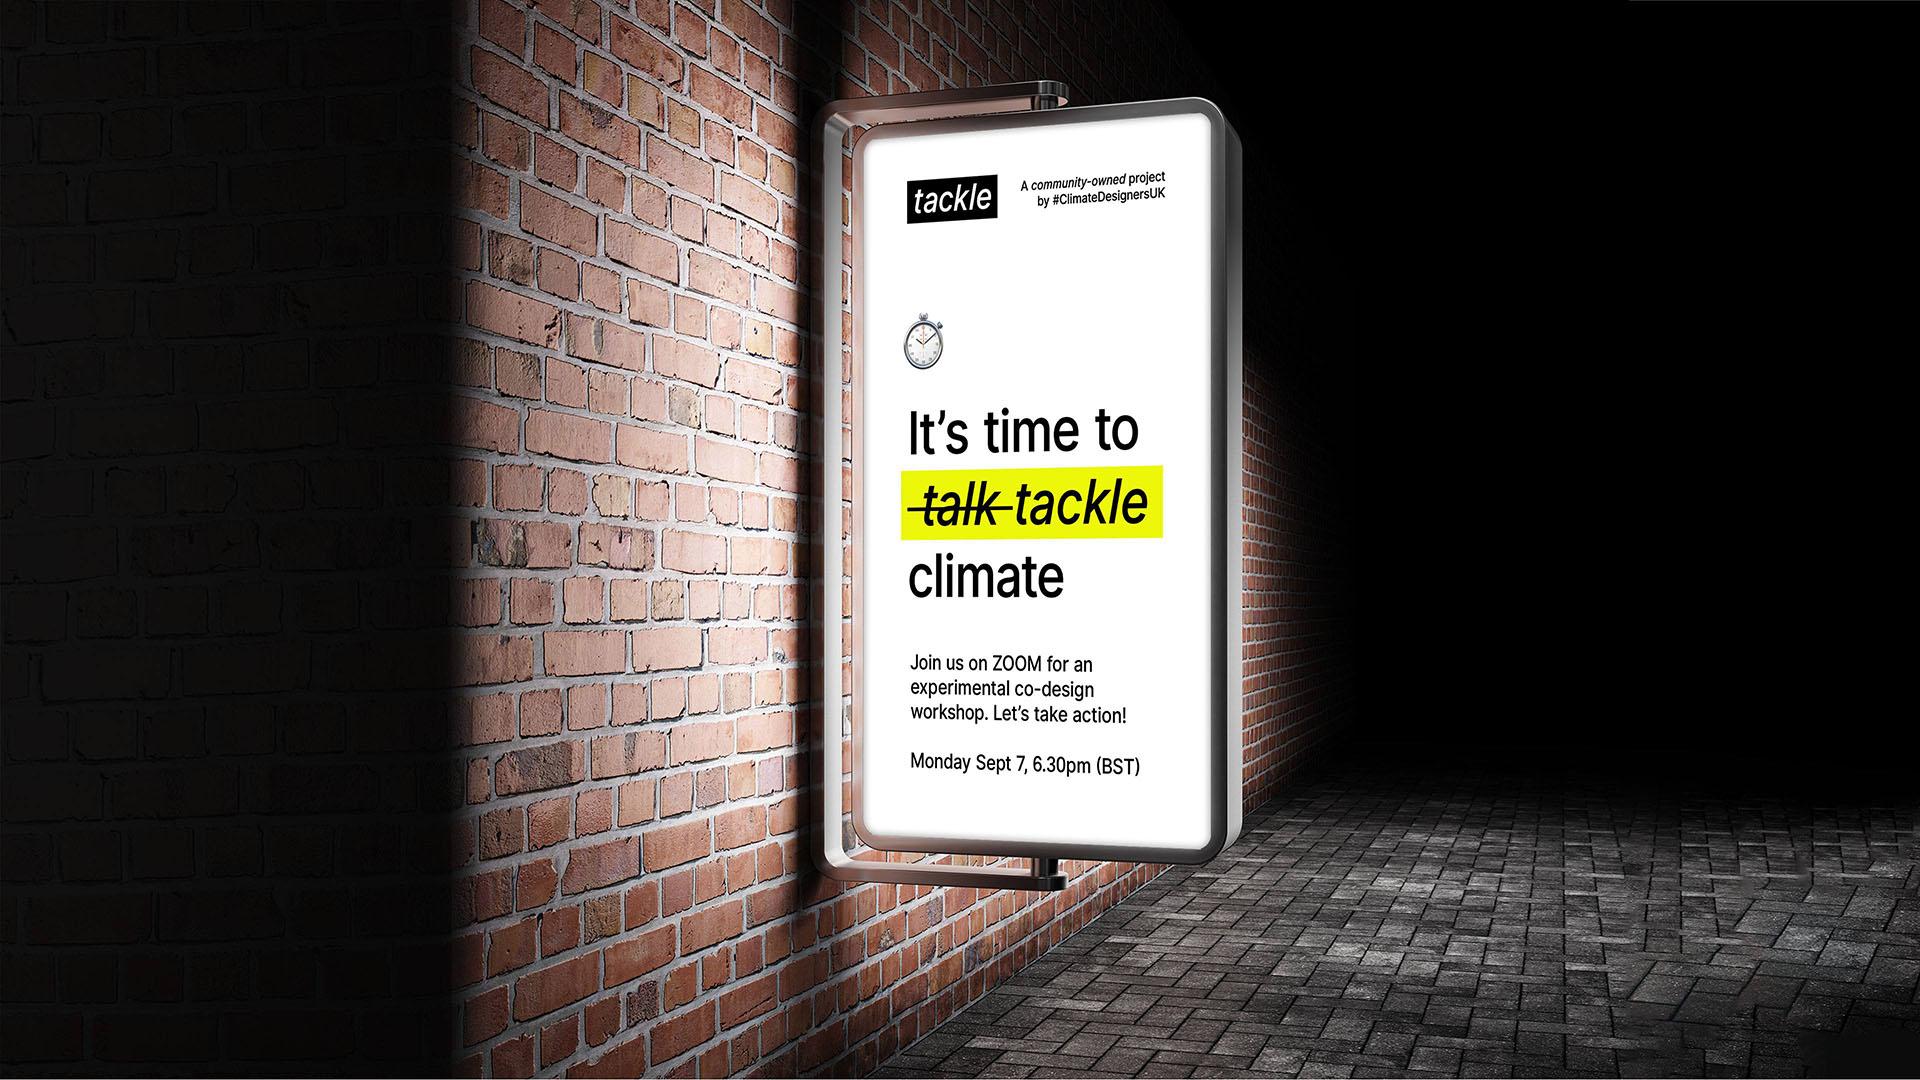 Promo for tackle's experimental co-design workshop